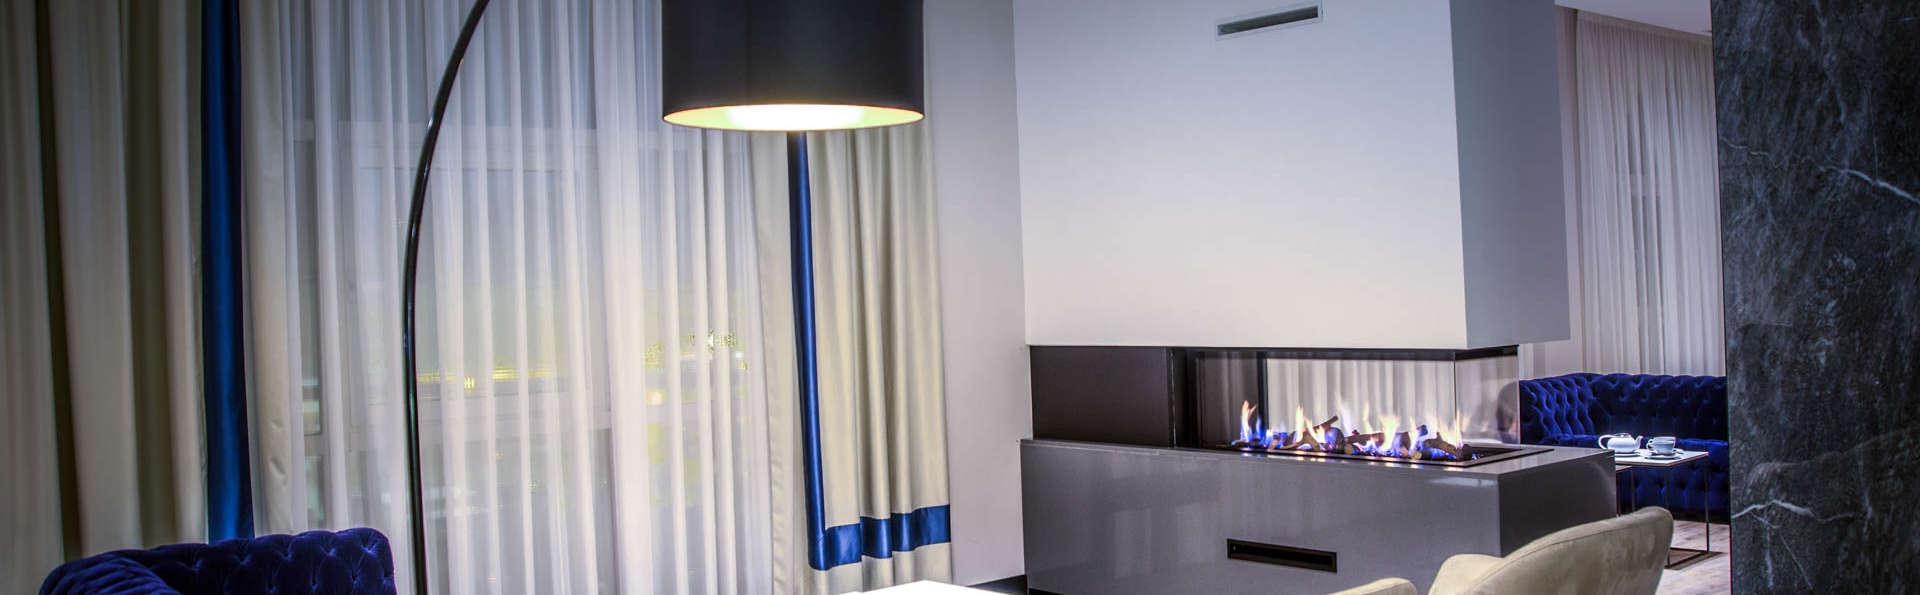 Tryp Covilha Dona María Hotel - EDIT_N2_Inside-5.jpg